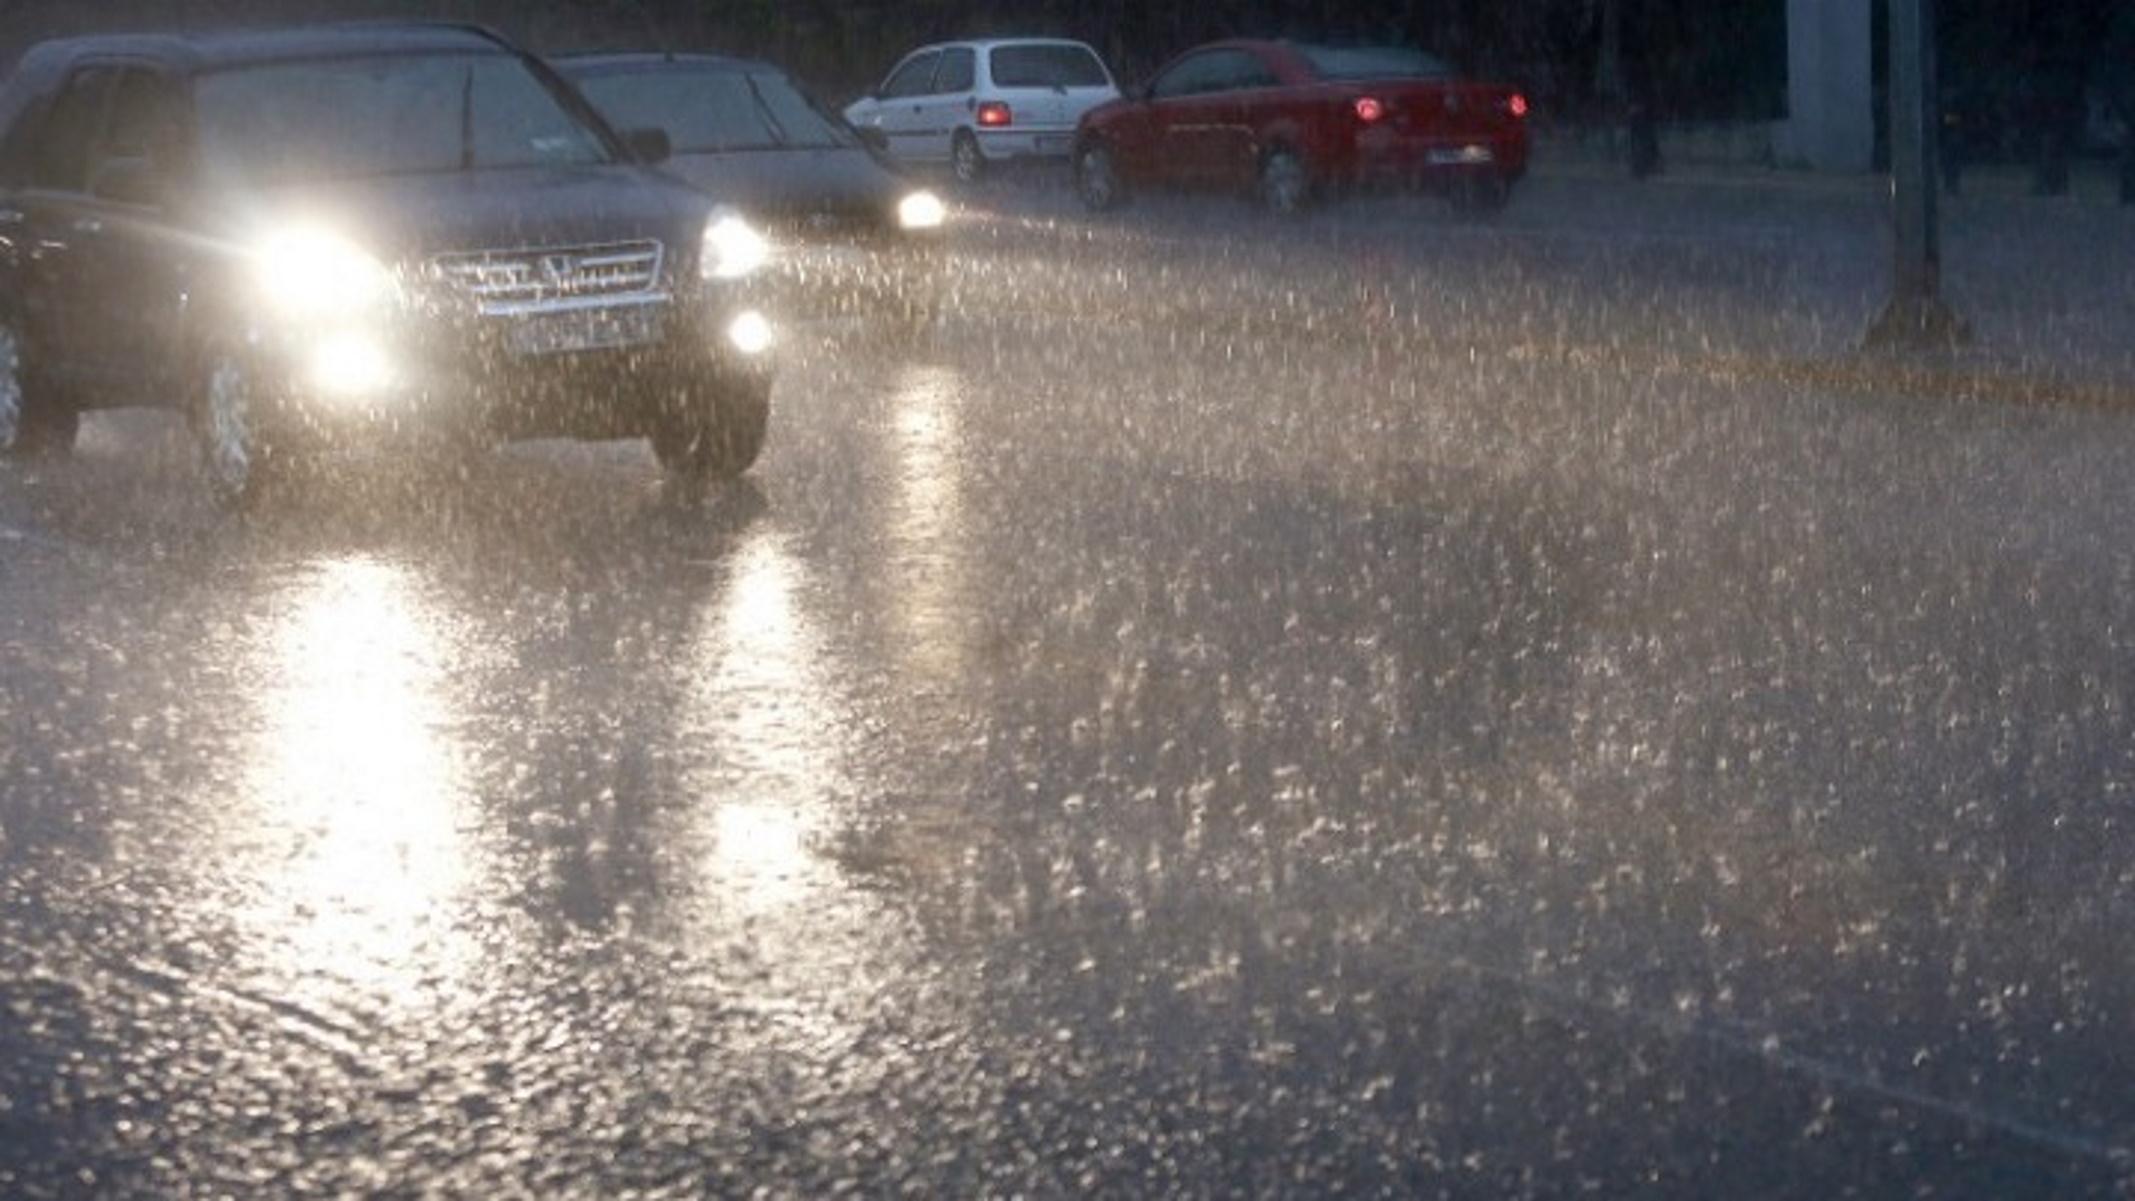 Καιρός αύριο: Έρχονται βροχές και καταιγίδες – Πού θα ανοίξουν οι ουρανοί